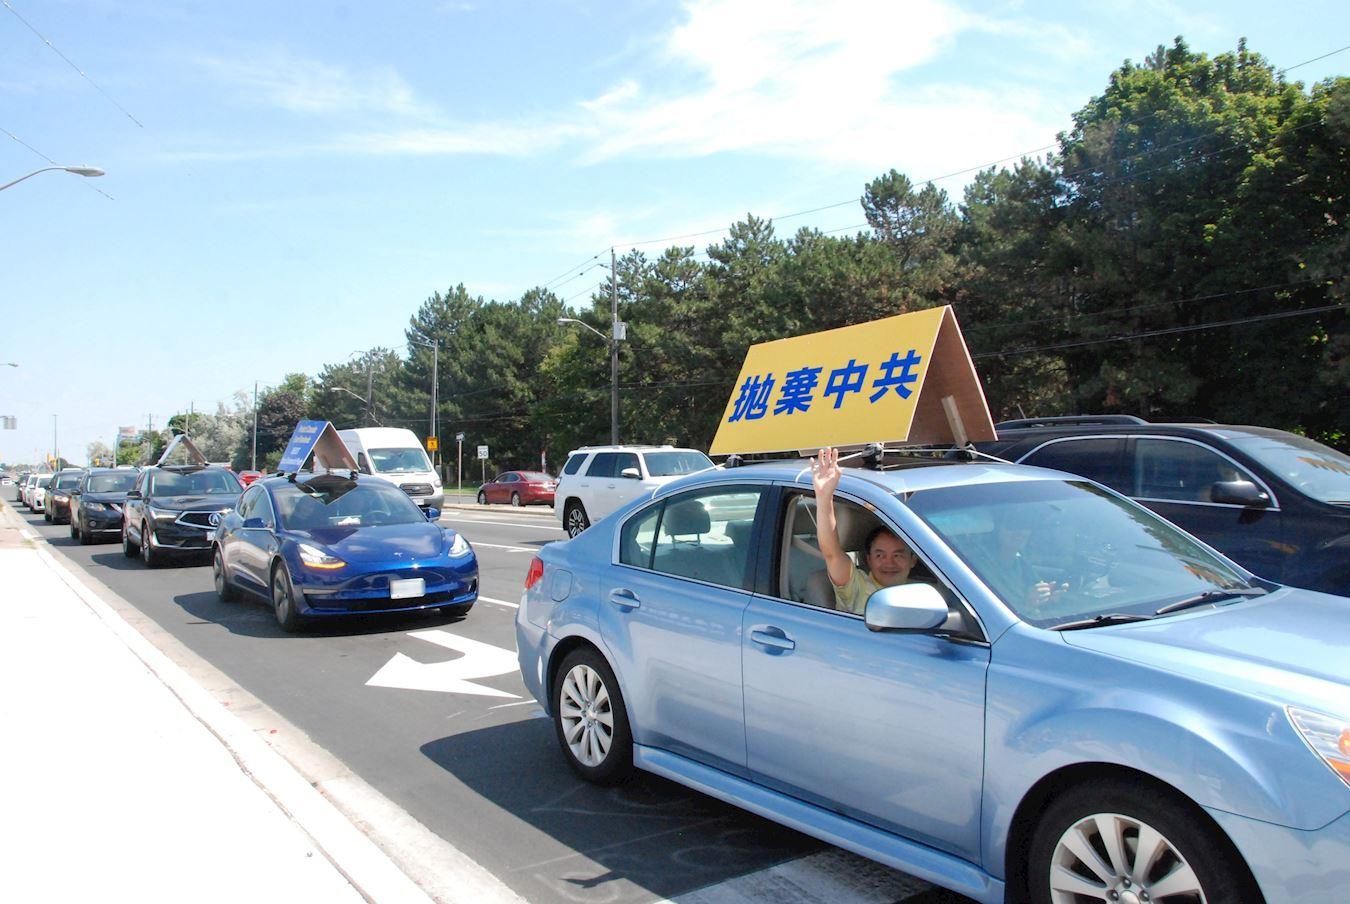 2020年8月15日,加拿大退黨服務中心舉行了汽車遊行。(明慧網)